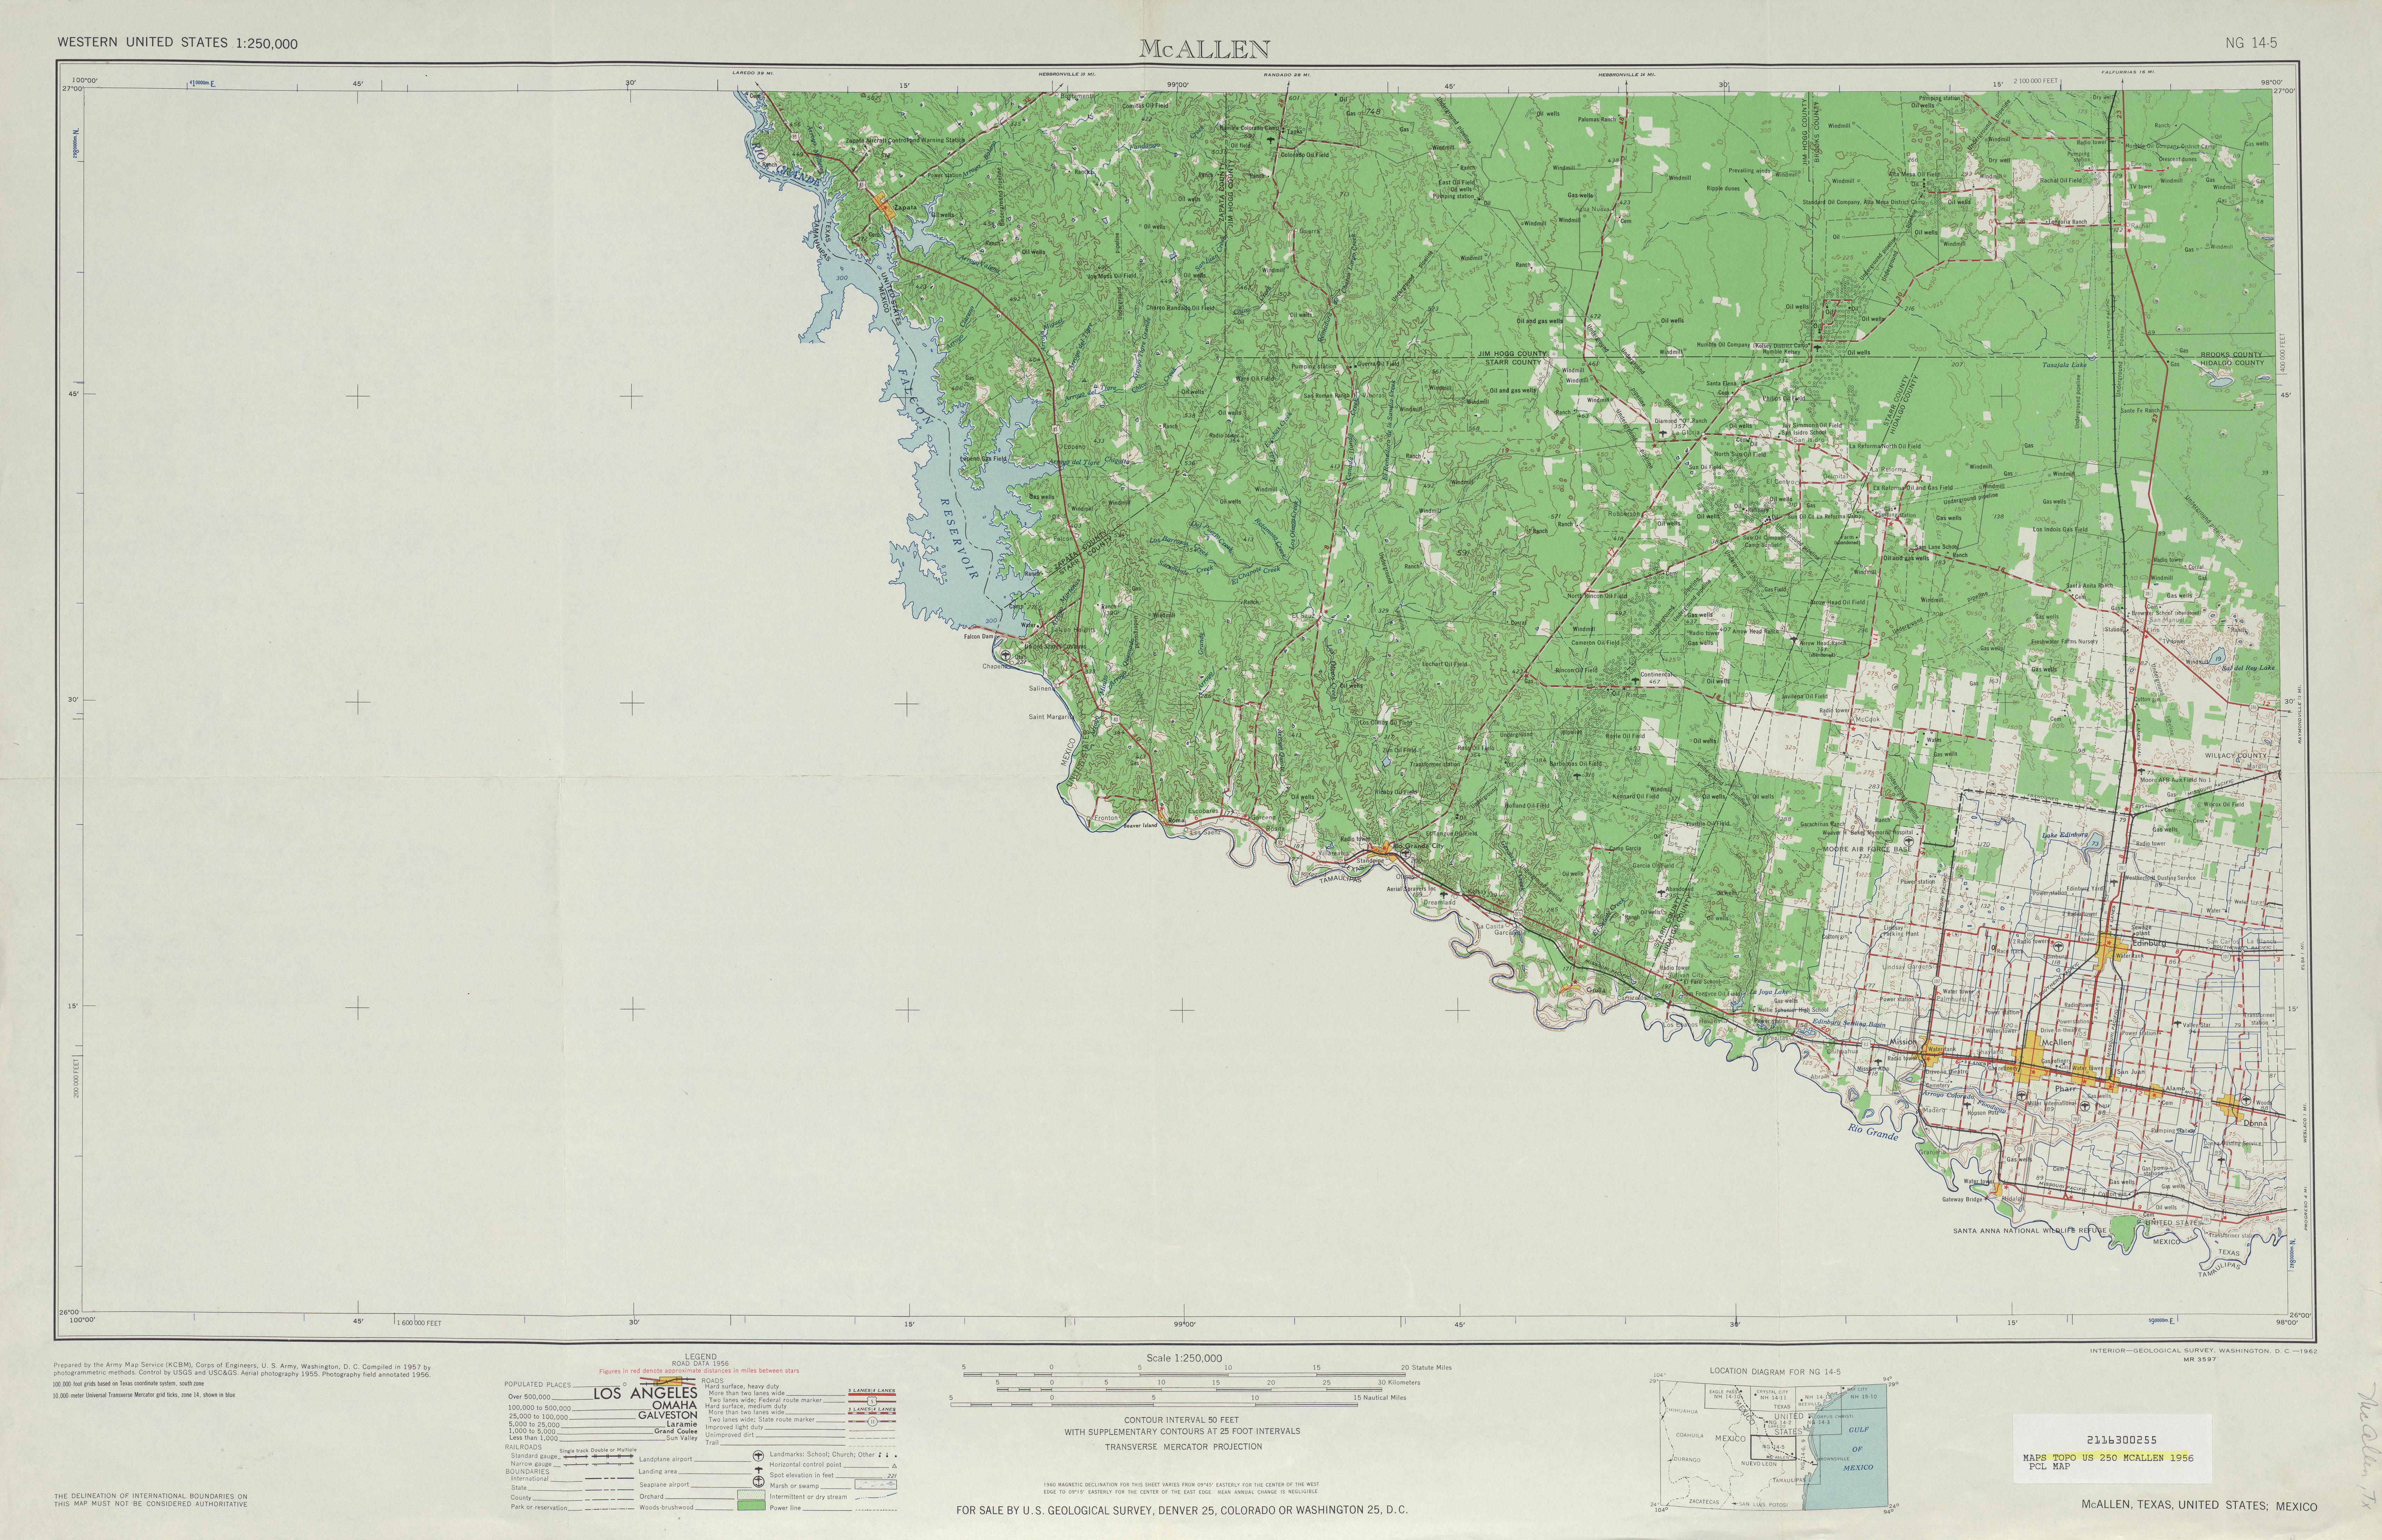 Hoja Mcallen del Mapa Topográfico de los Estados Unidos 1956